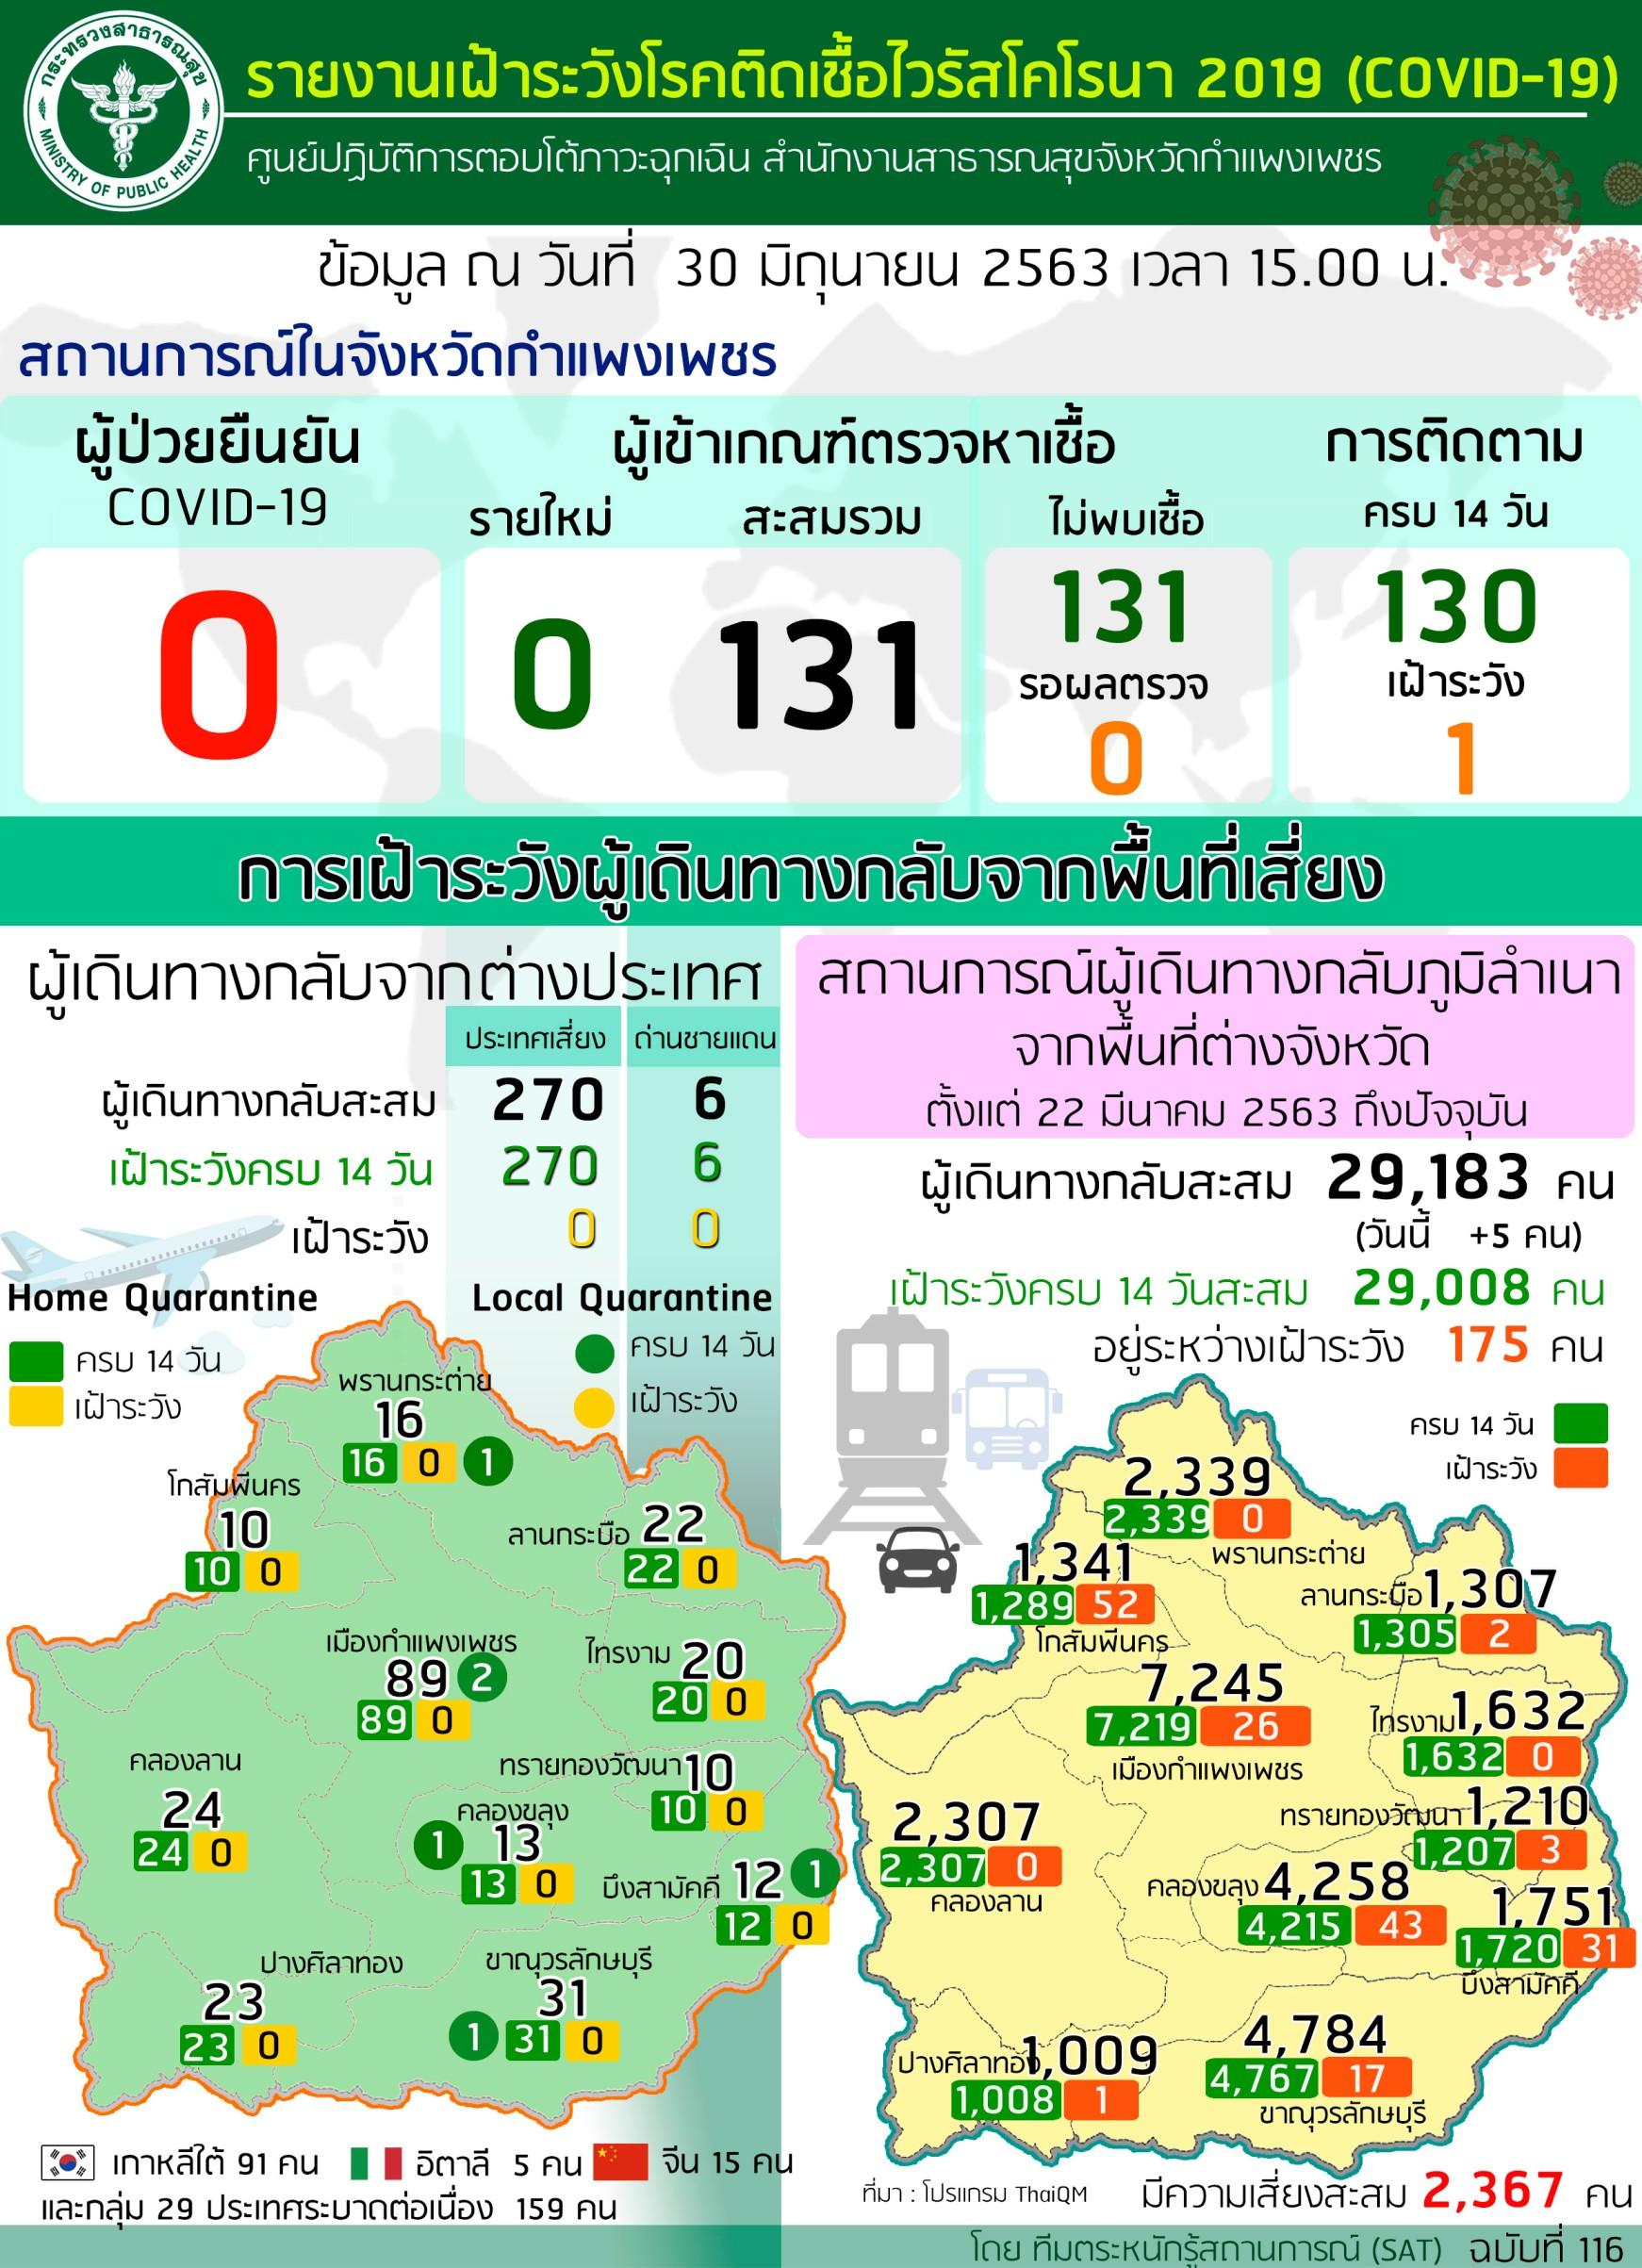 สถานการณ์ไวรัสโคโรนา 30 มิถุนายน 2563